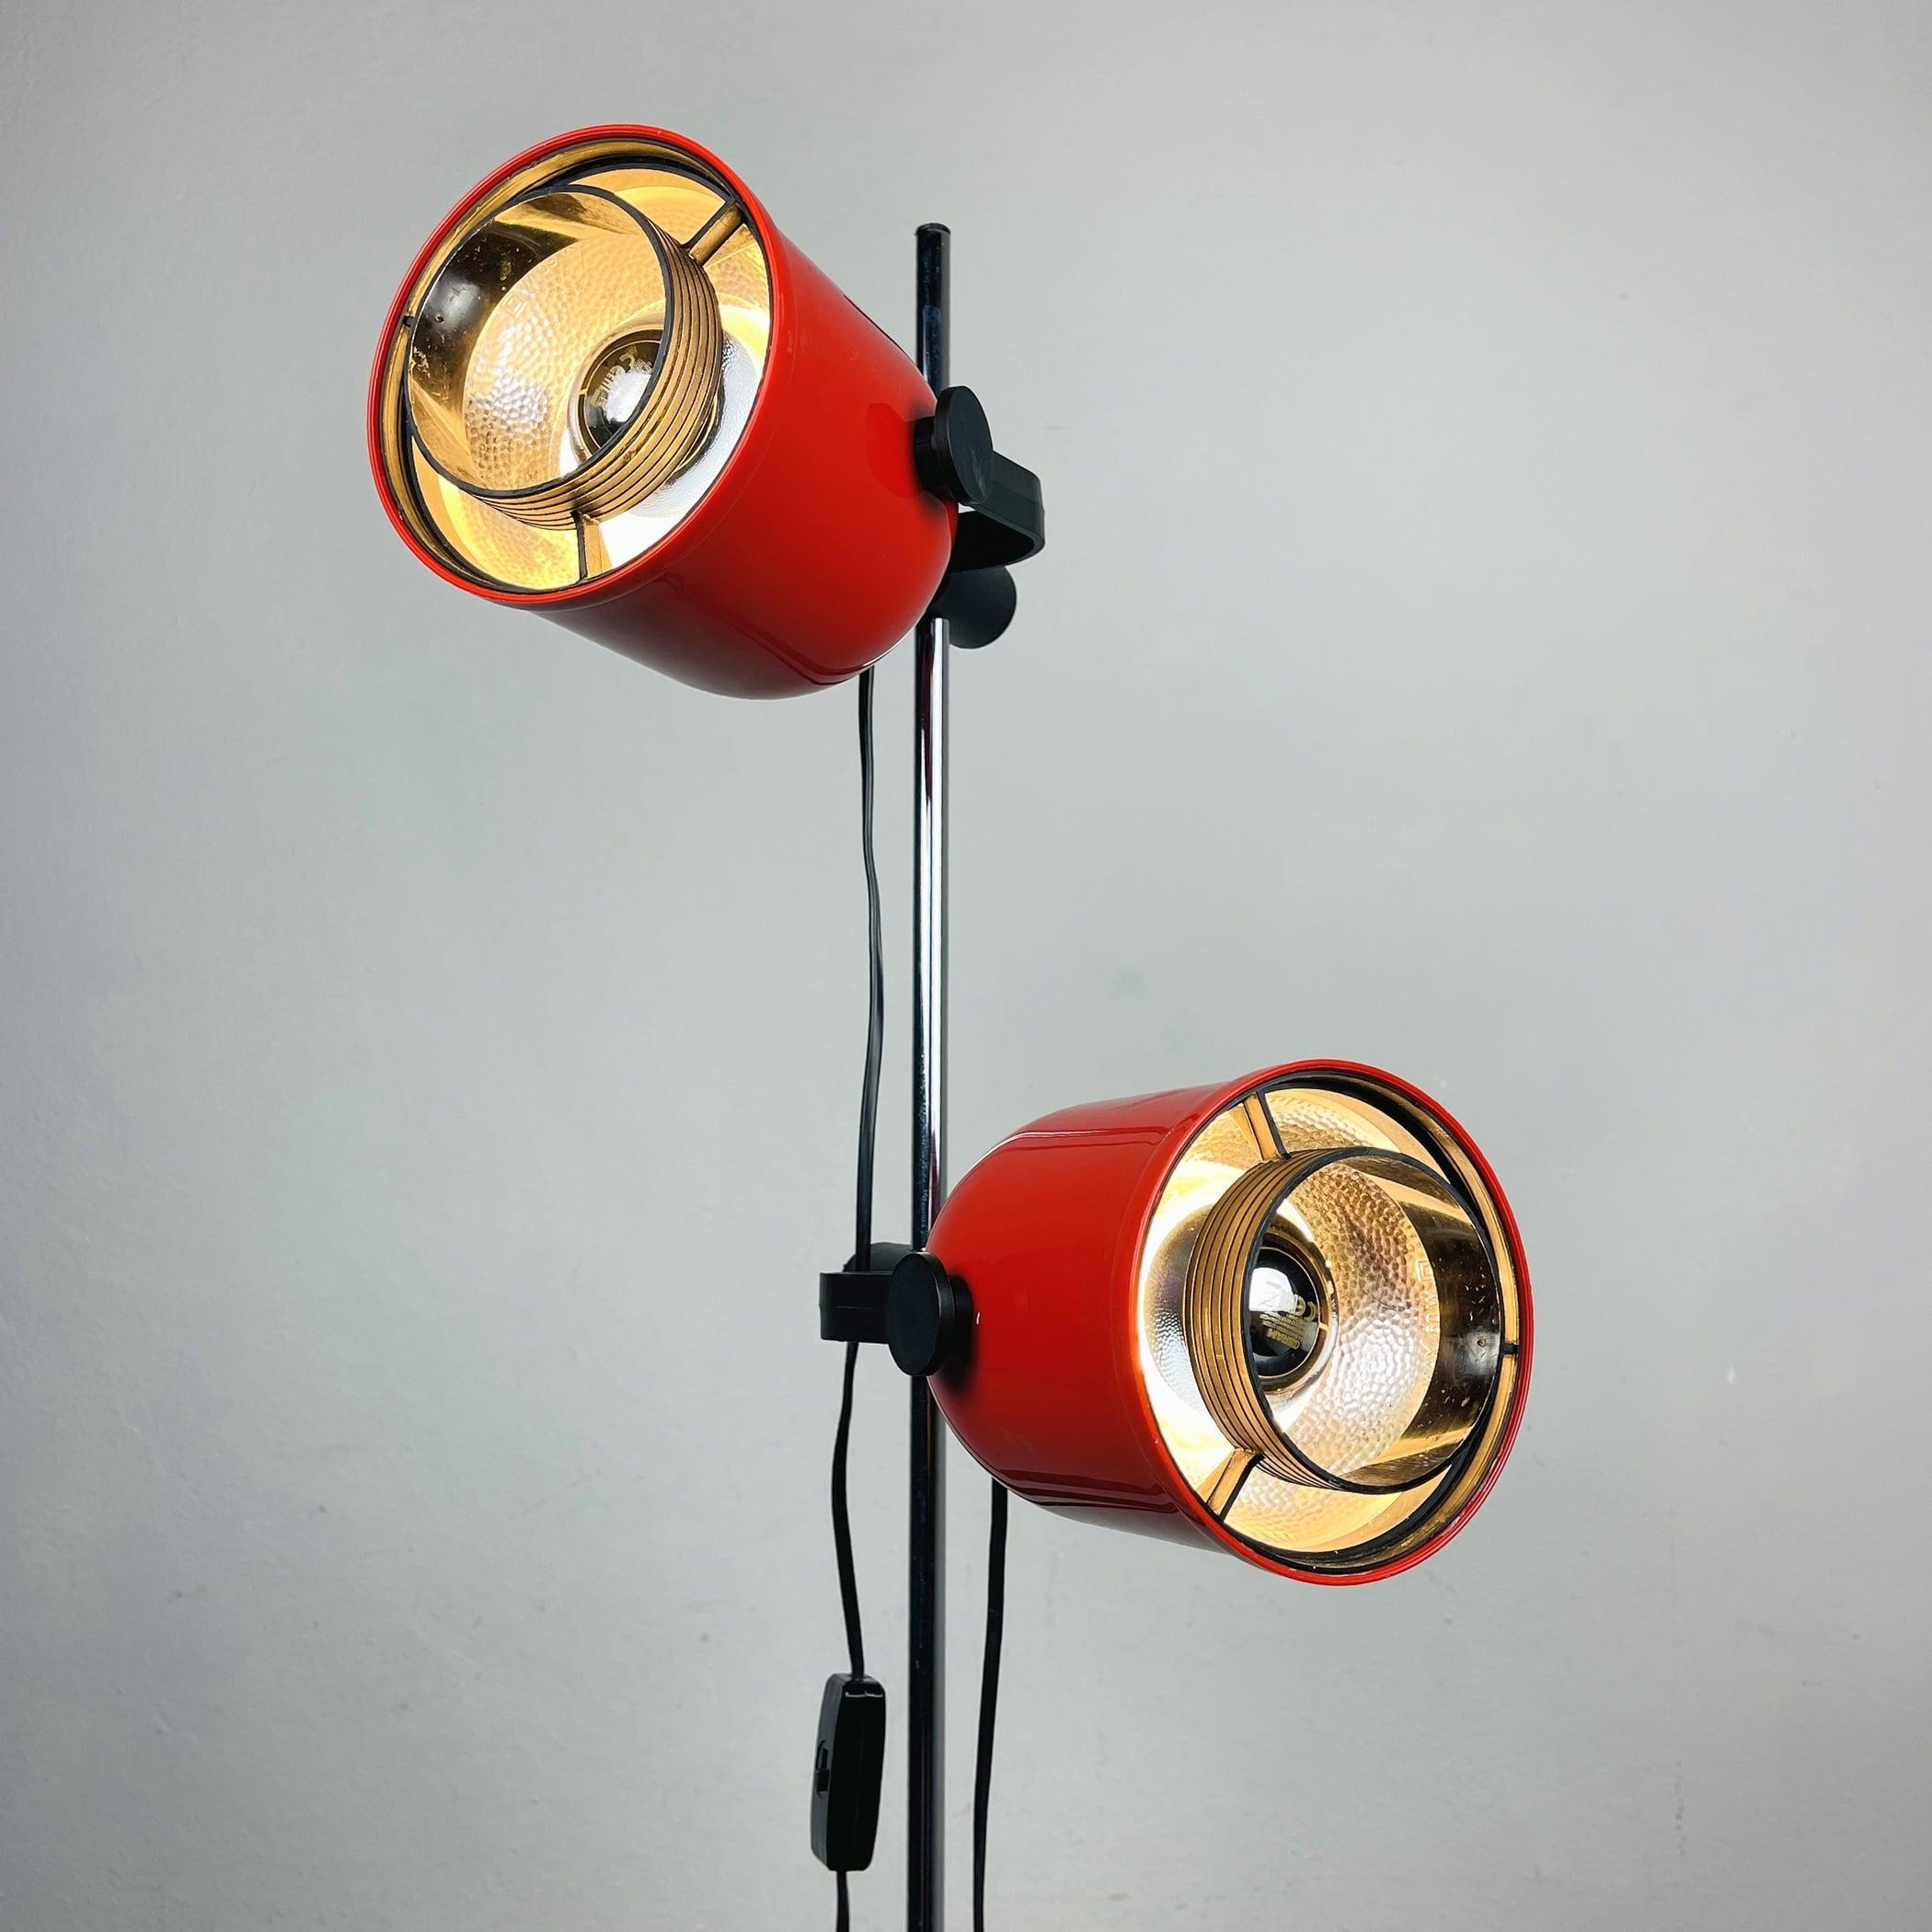 Retro red floor lamp Austria 1990s Mid-century lighting Space age